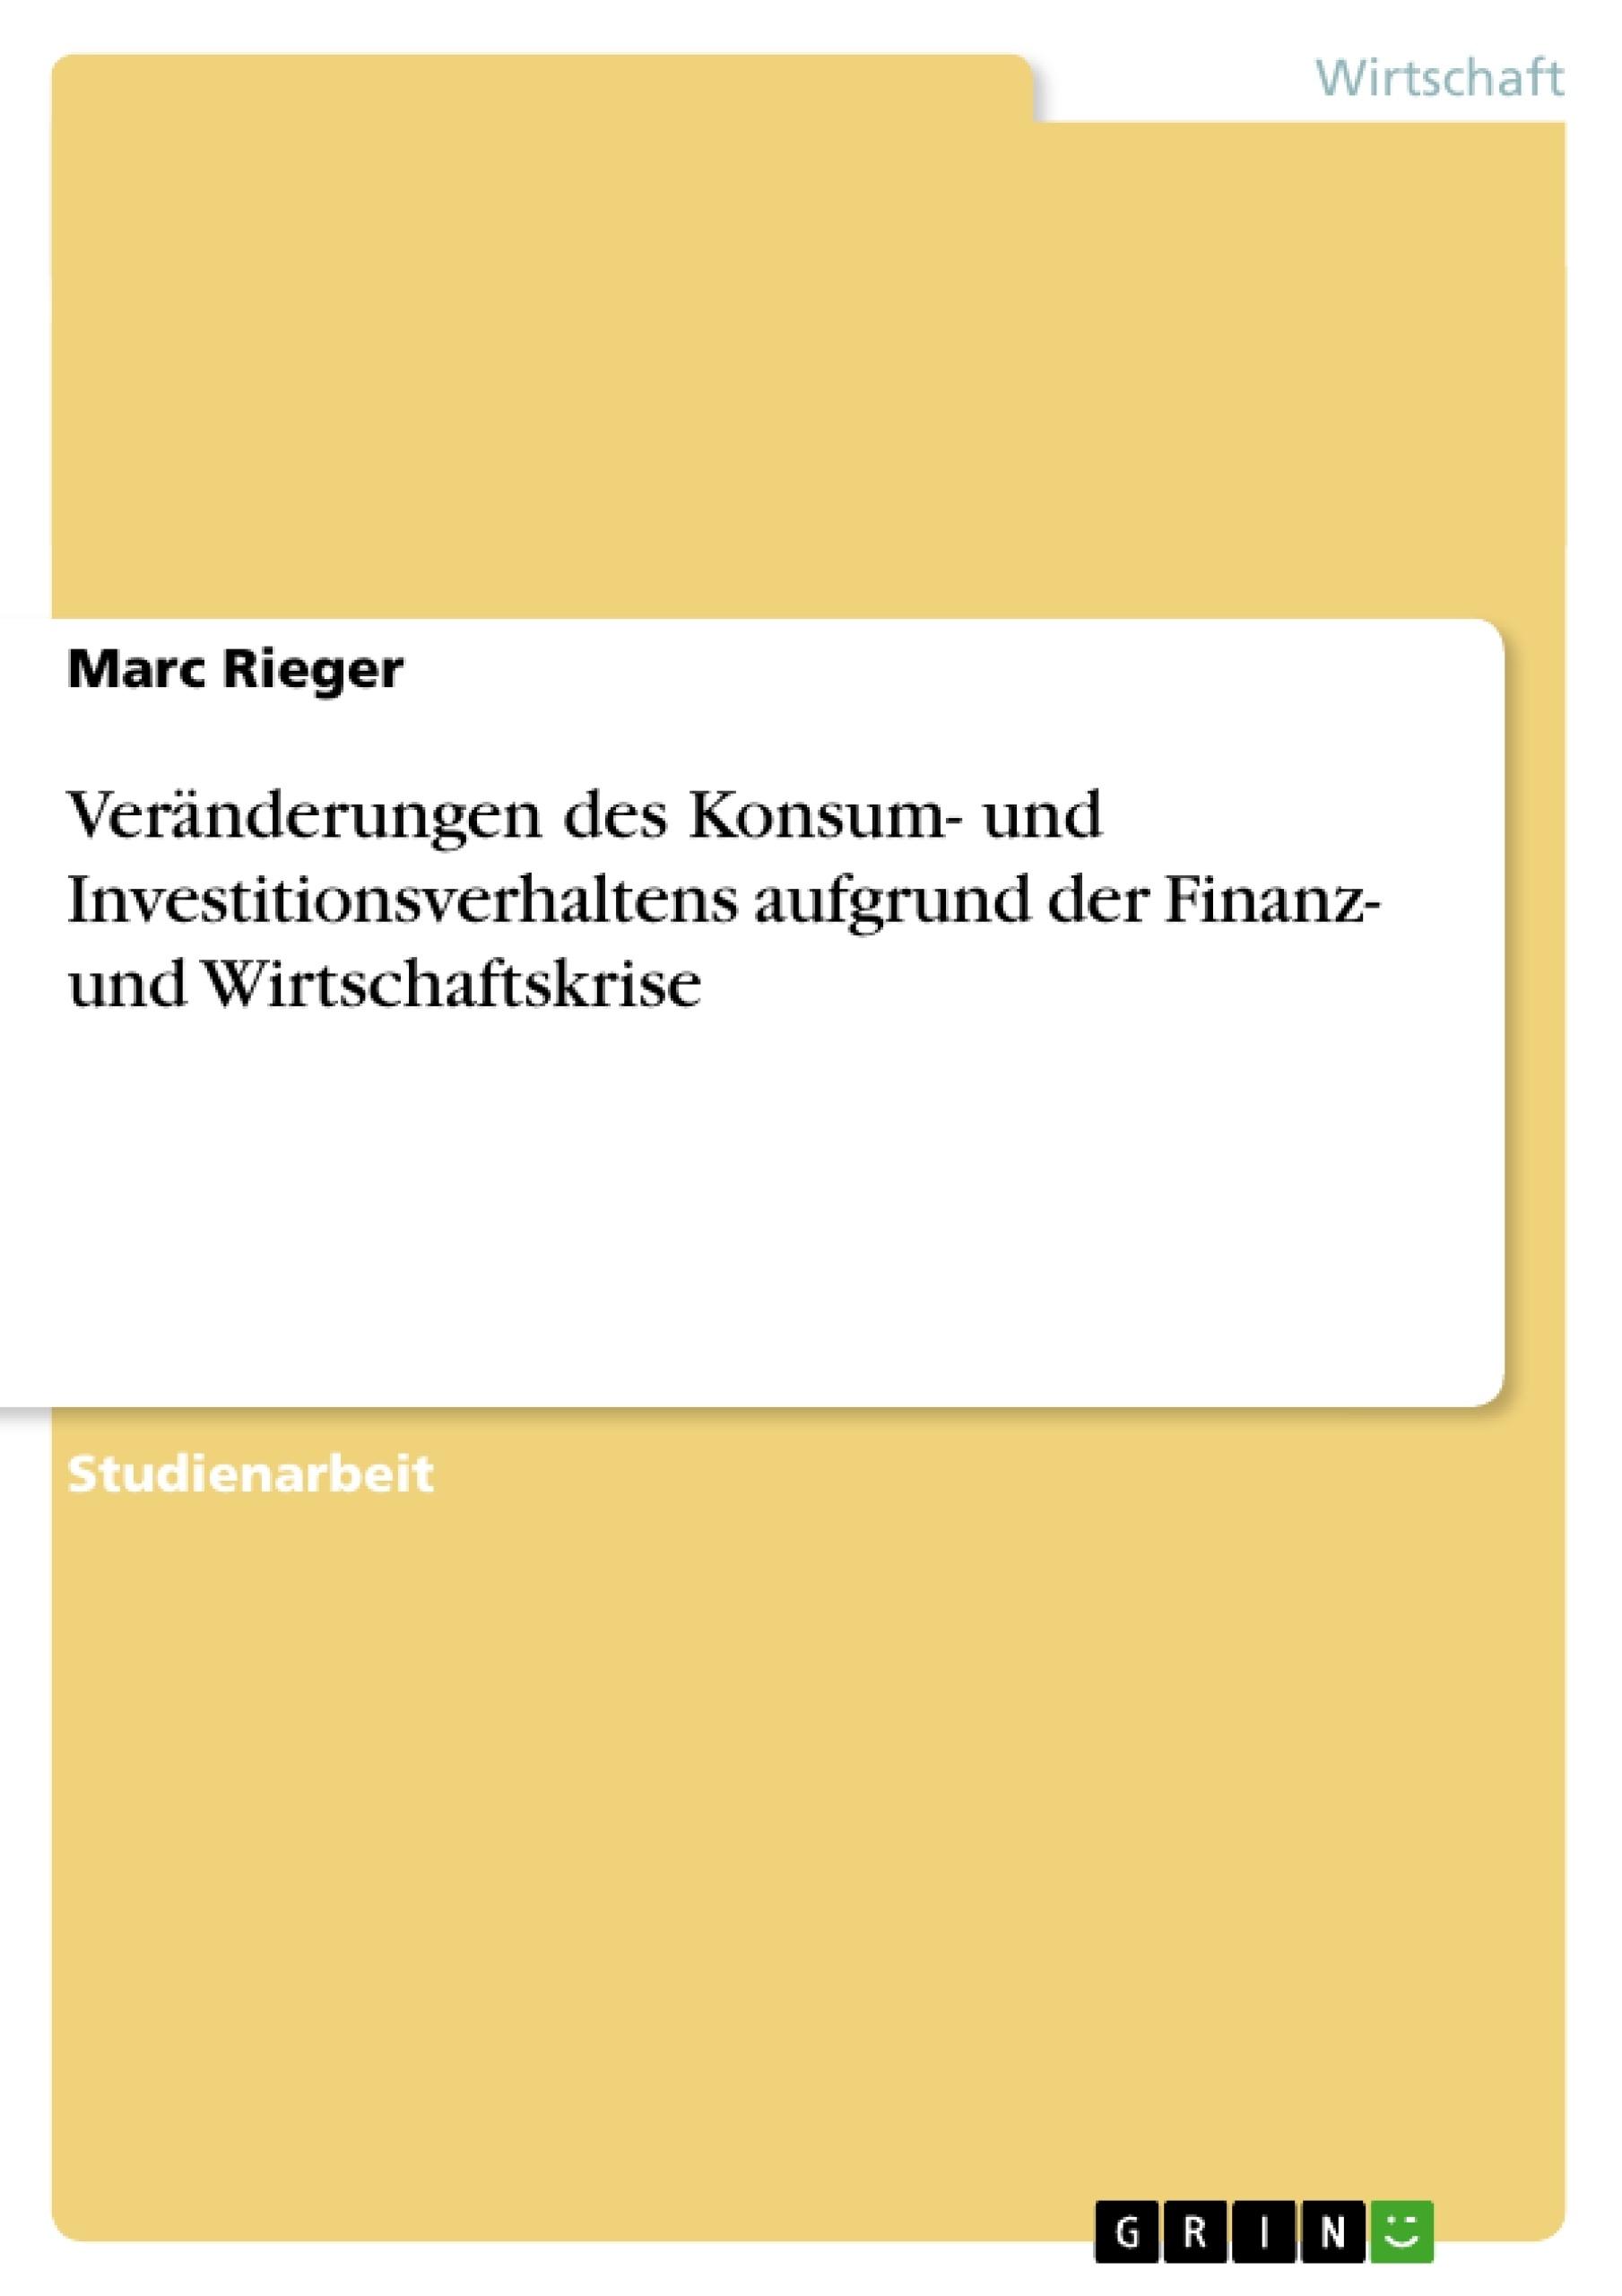 Titel: Veränderungen des Konsum- und Investitionsverhaltens aufgrund der Finanz- und Wirtschaftskrise